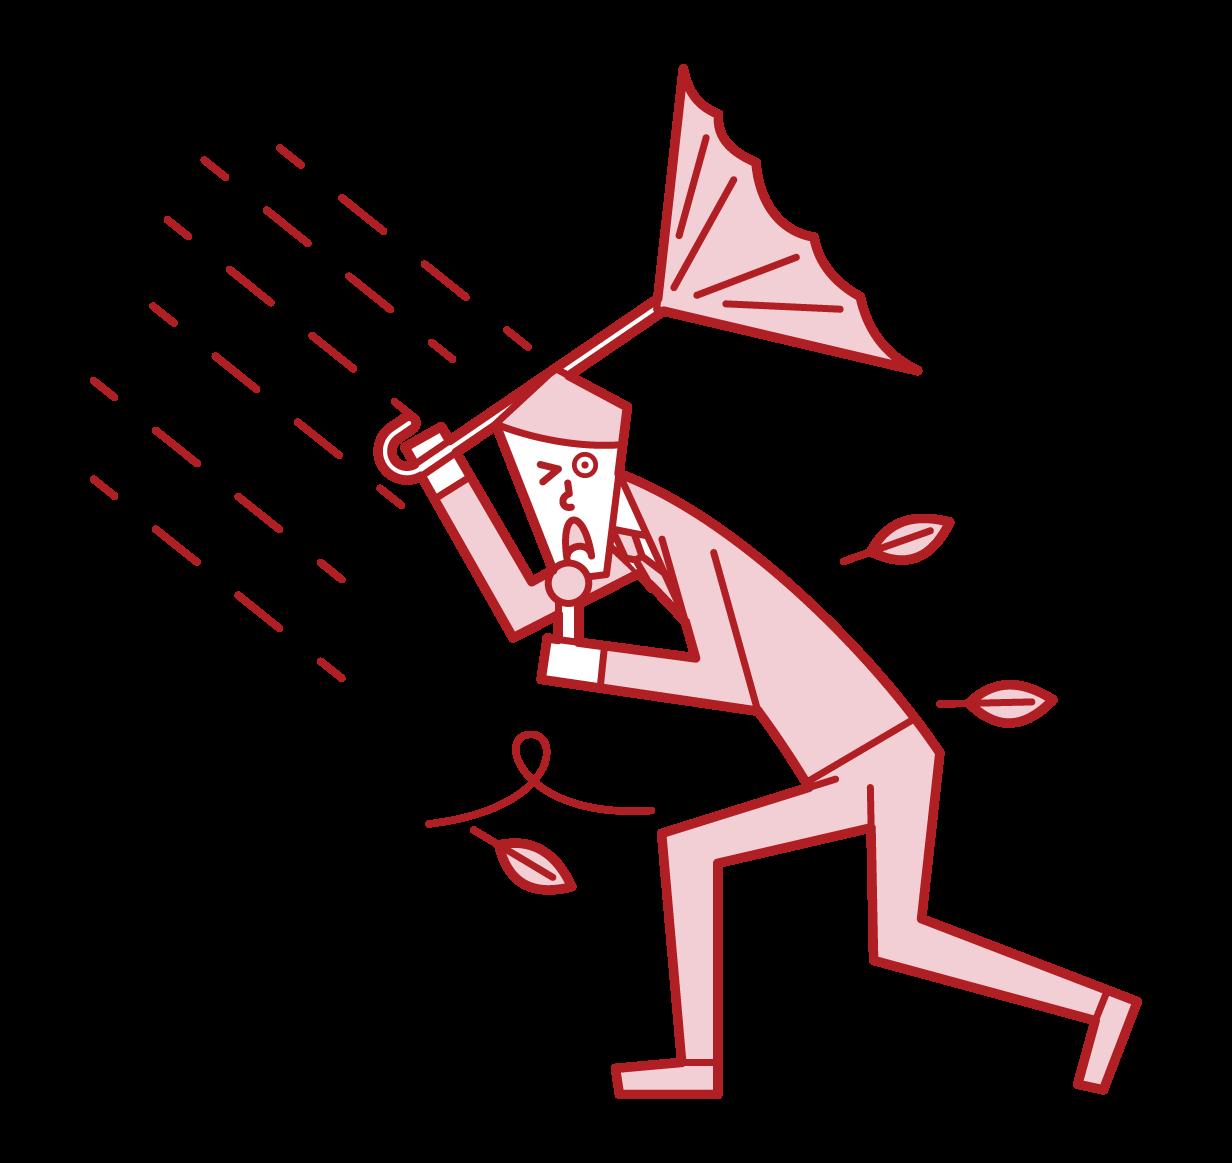 記者在颱風中報導的插圖